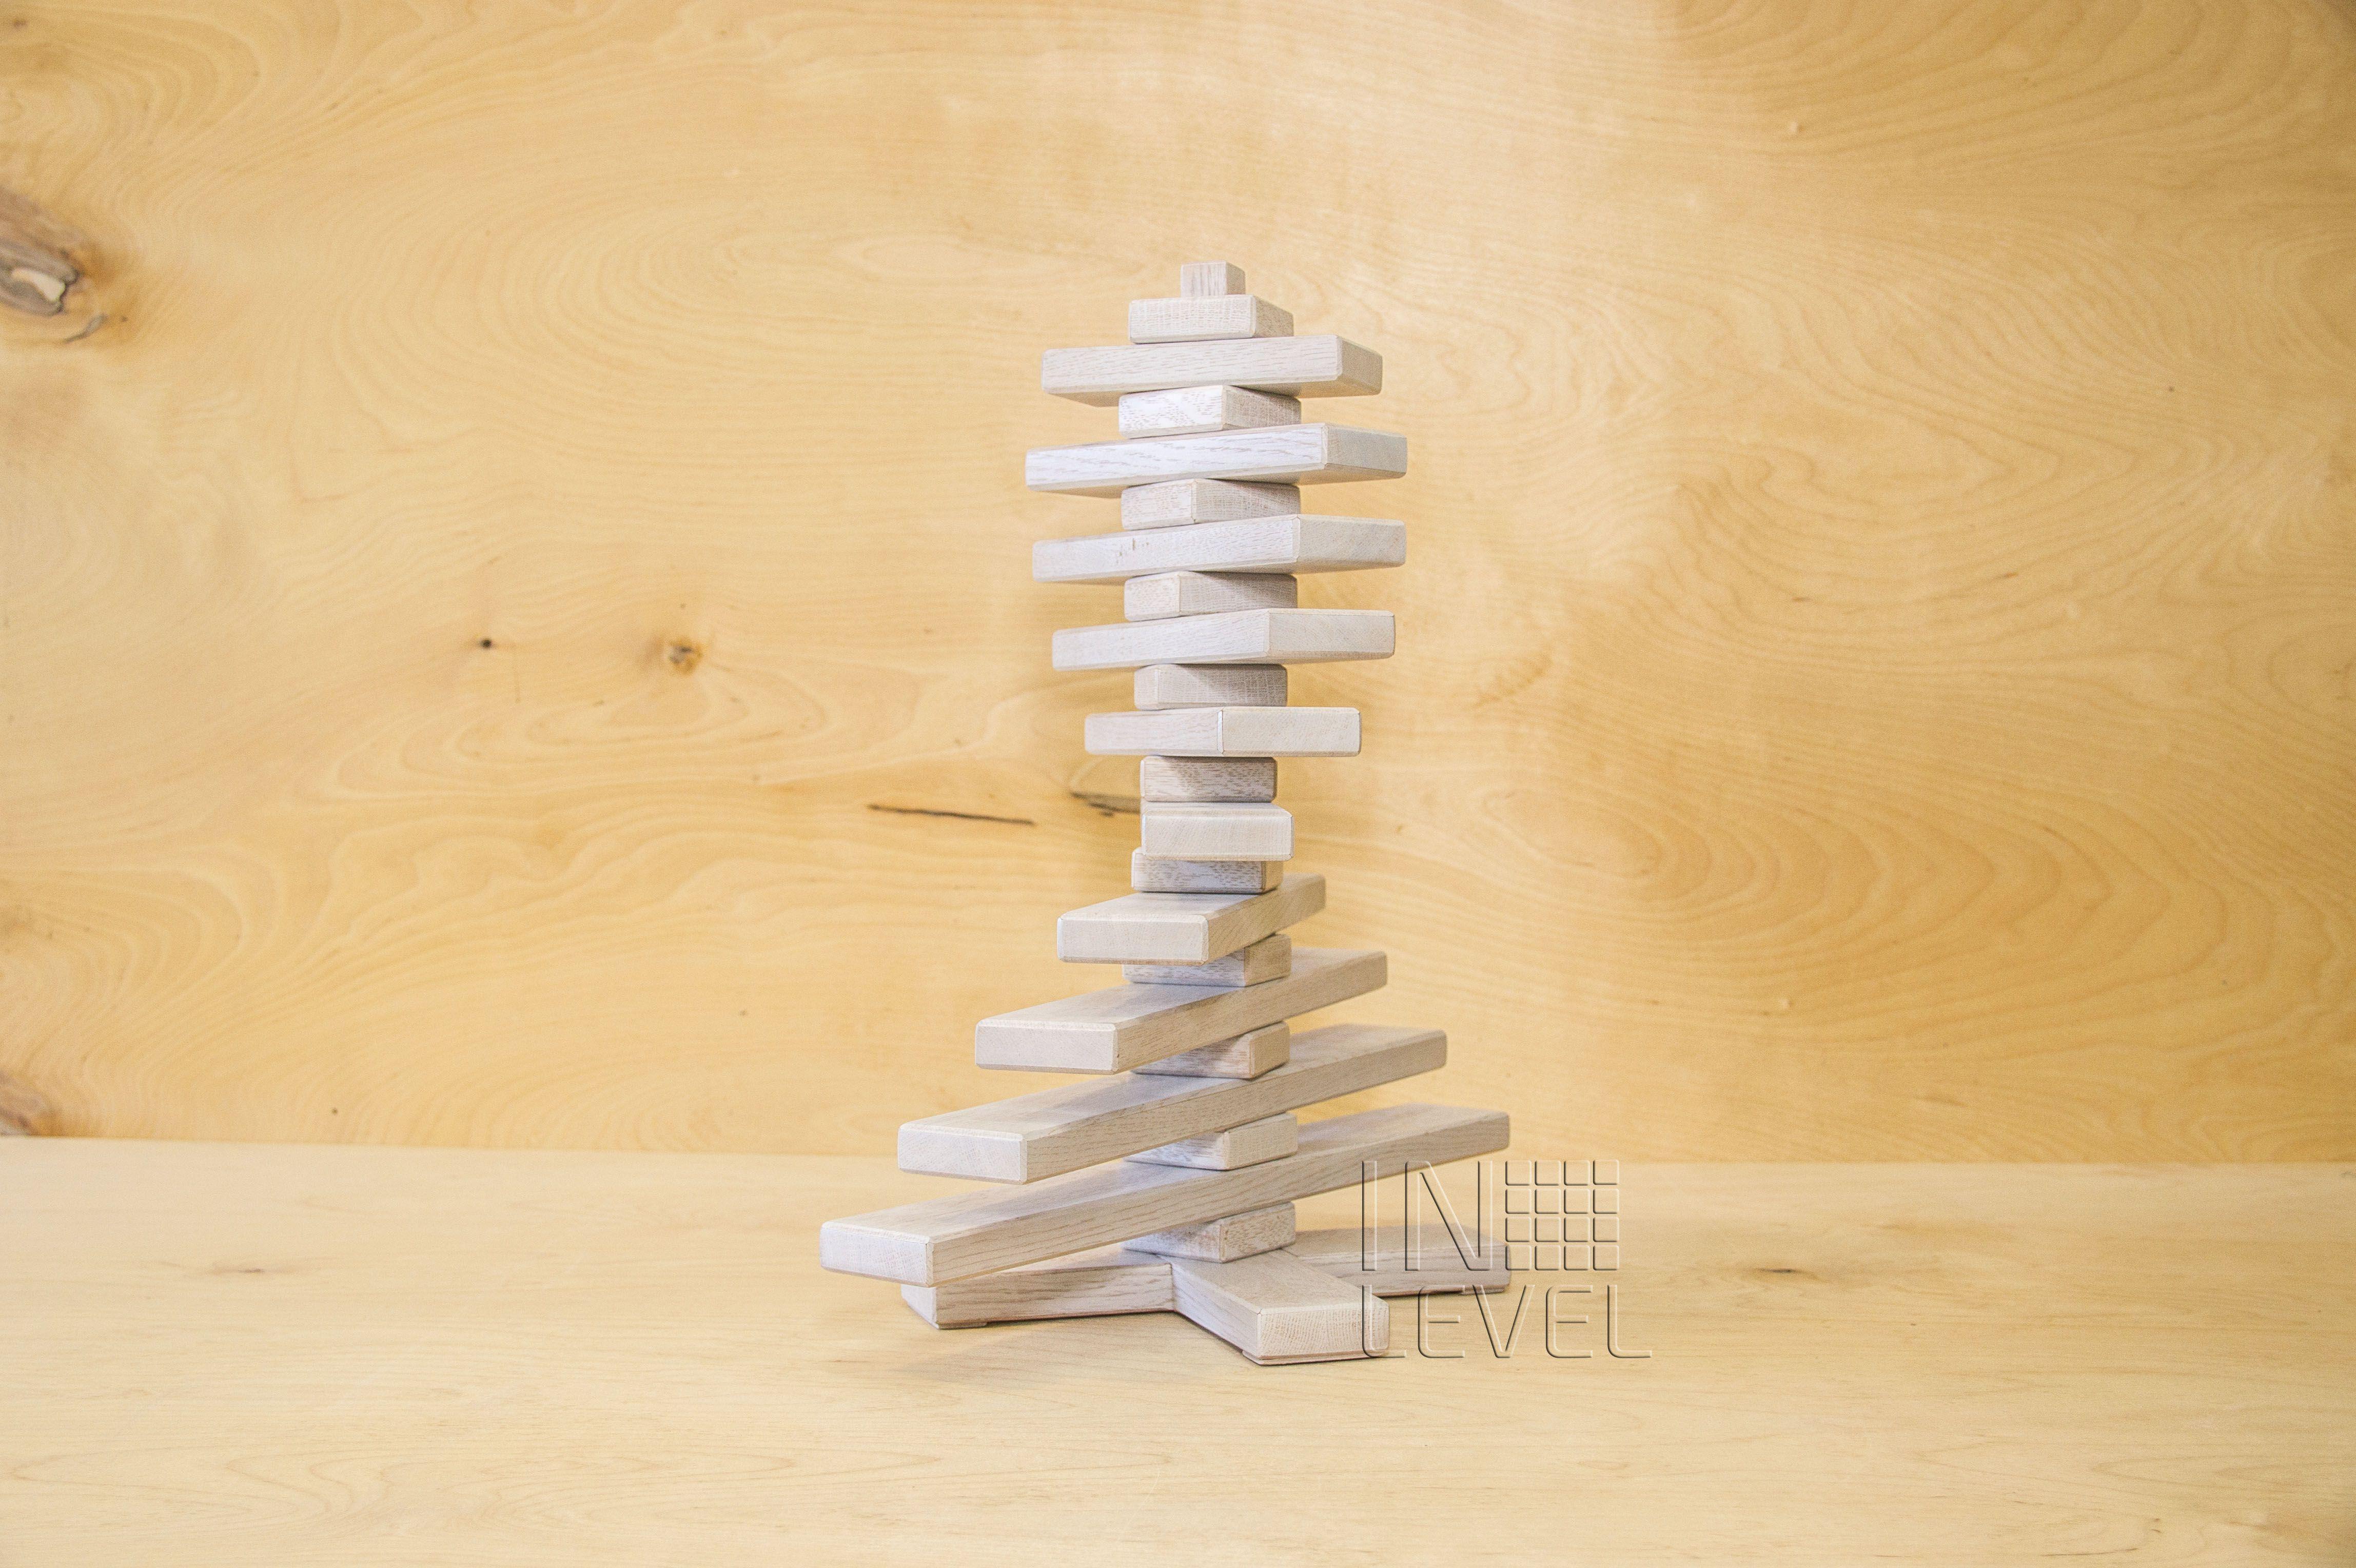 новогодняя год декор новый оригинальная интерьер елка креативная дерево дом елочка 2016